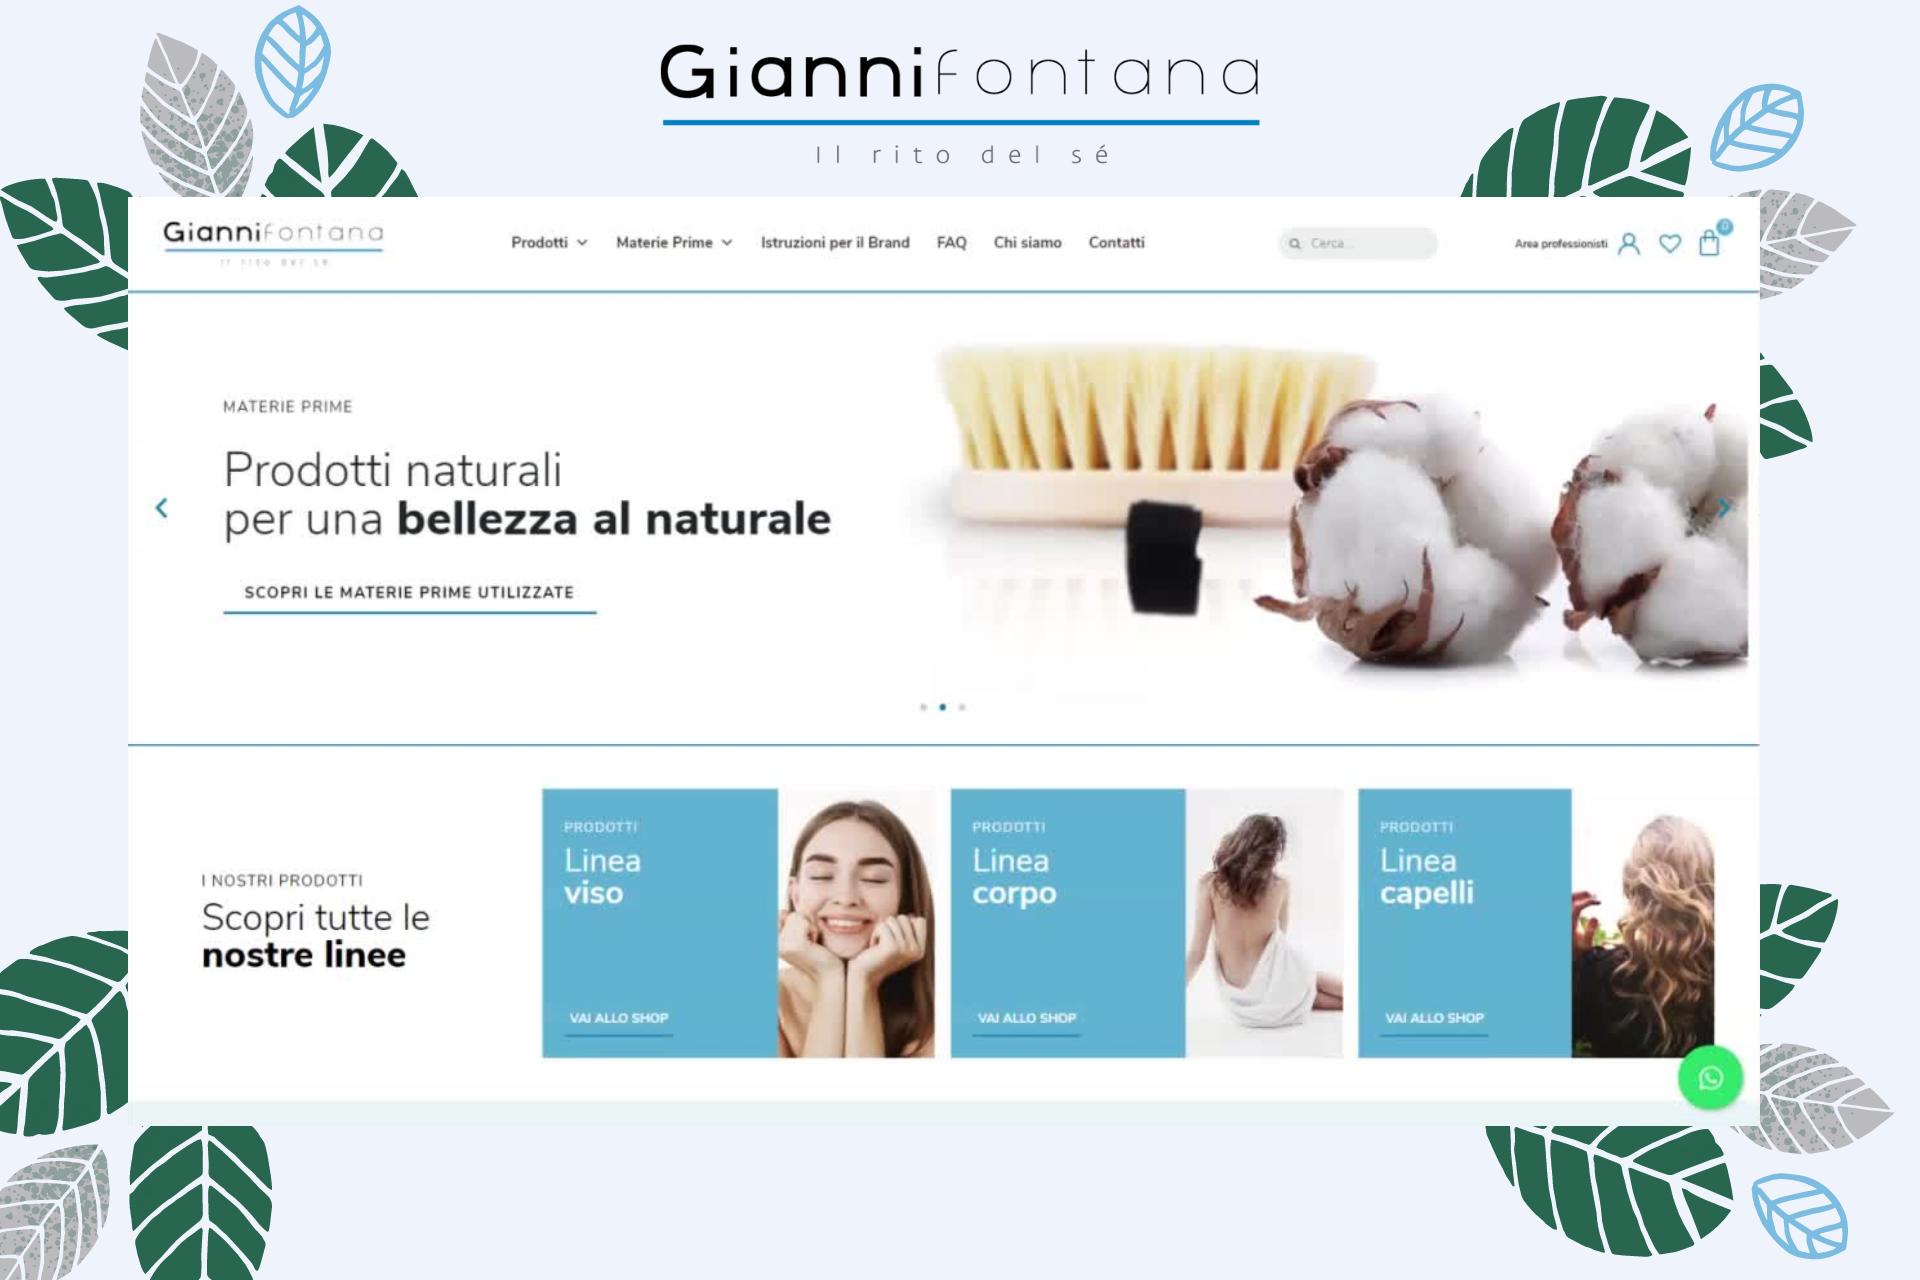 Sito web Gianni Fontana - Portfolio STweb